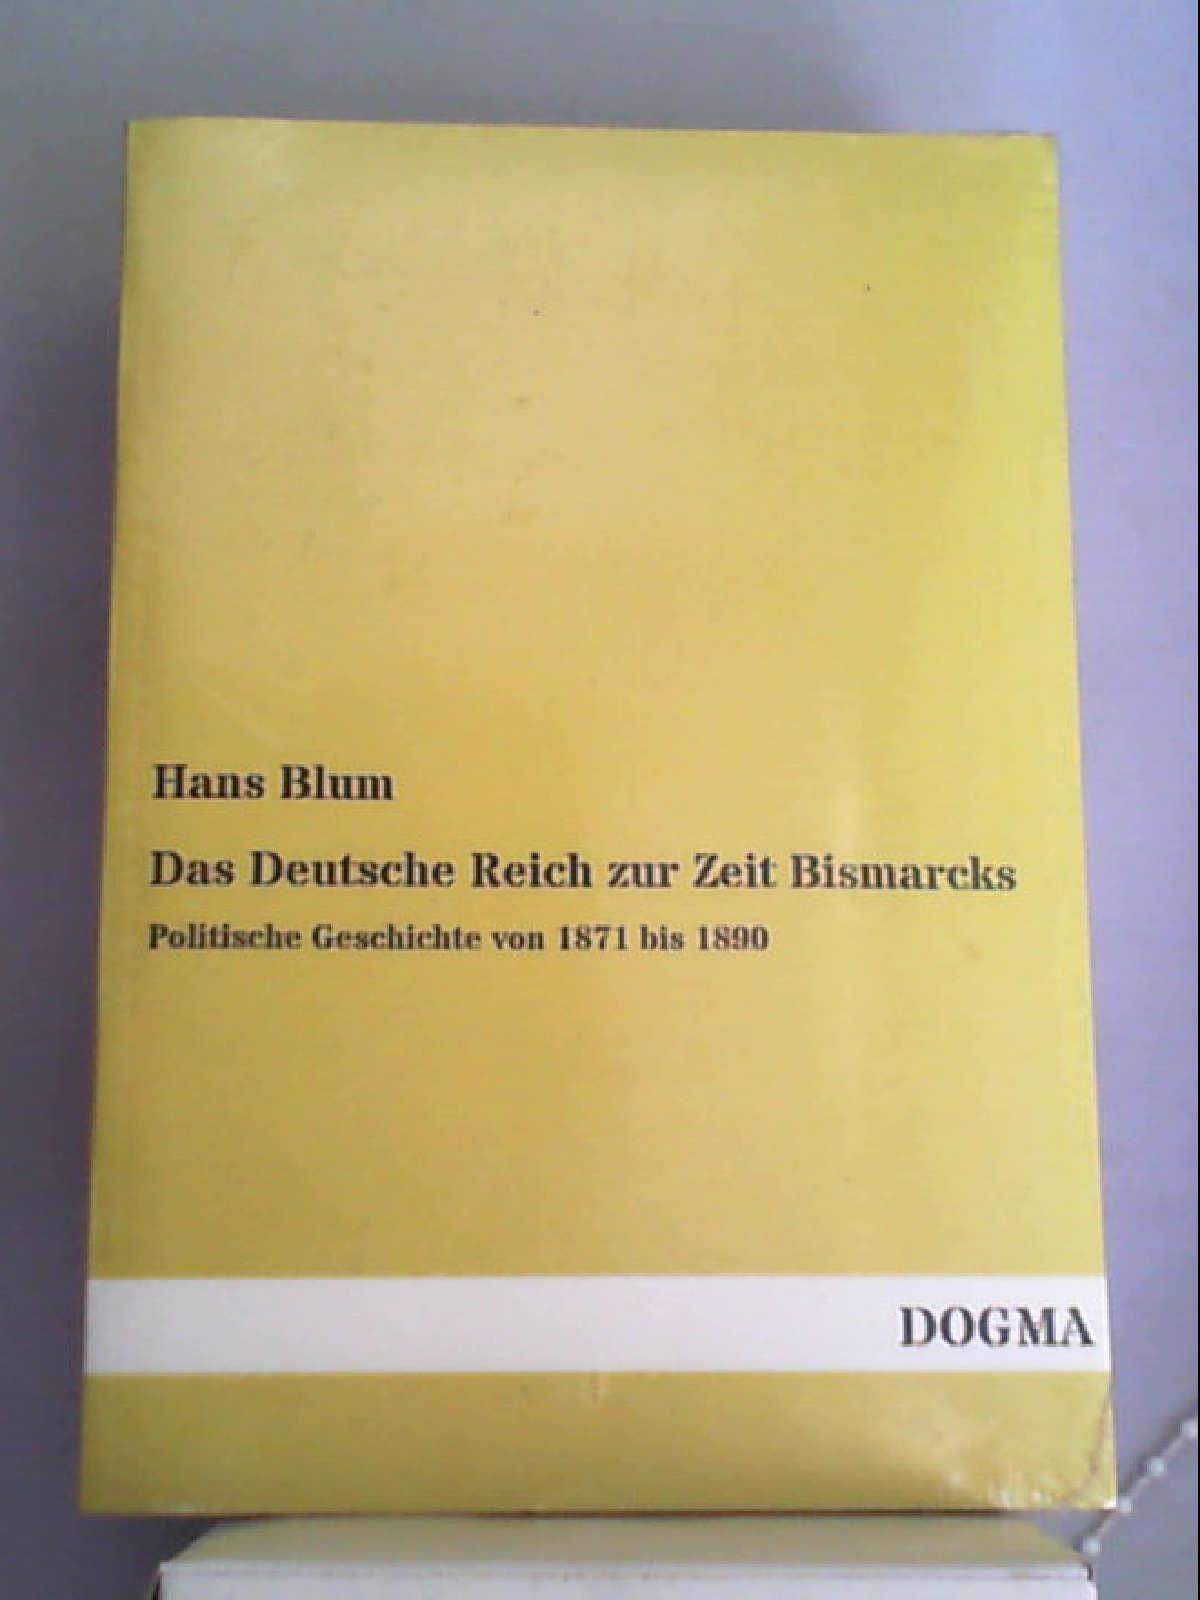 Das Deutsche Reich zur Zeit Bismarcks: Politische Geschichte von 1871 bis 1890 (Classic Reprint) [Paperback] [Mar 03, 2018] Blum, Hans - Hans Blum